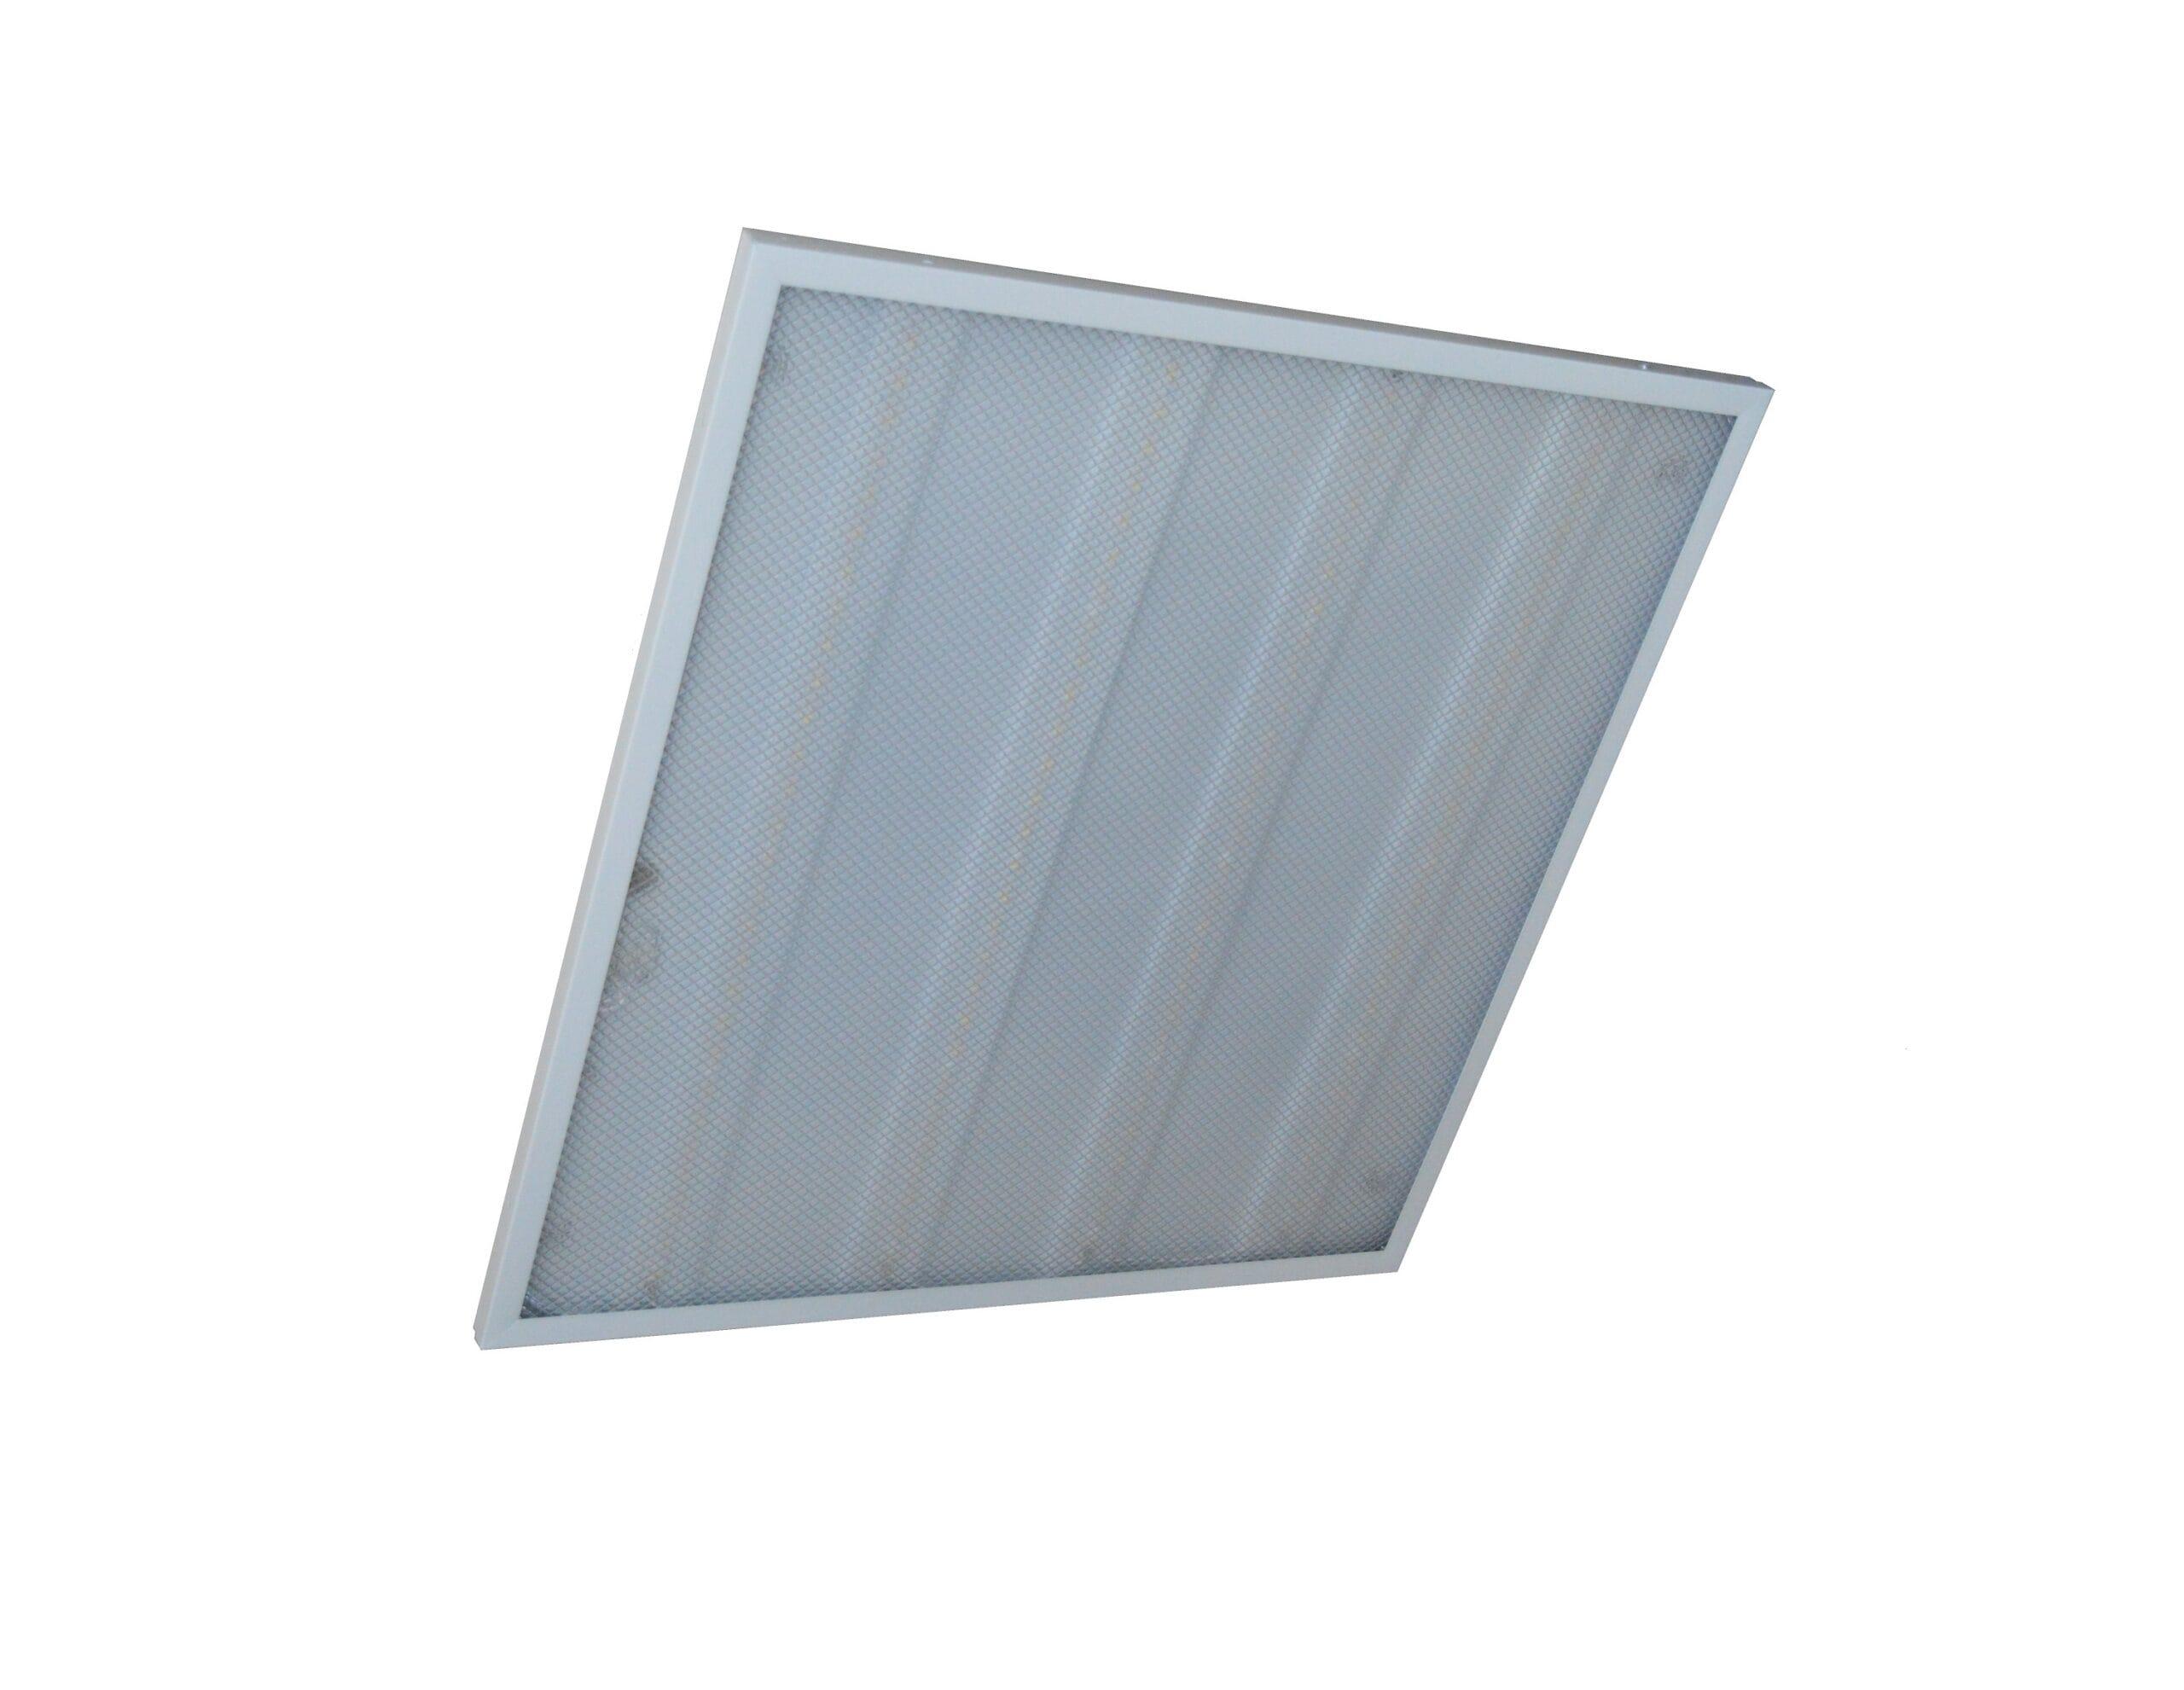 LED панели и растровые светильники - Светильник призматик 36W 4000K IP20 000000463 - Фото 3